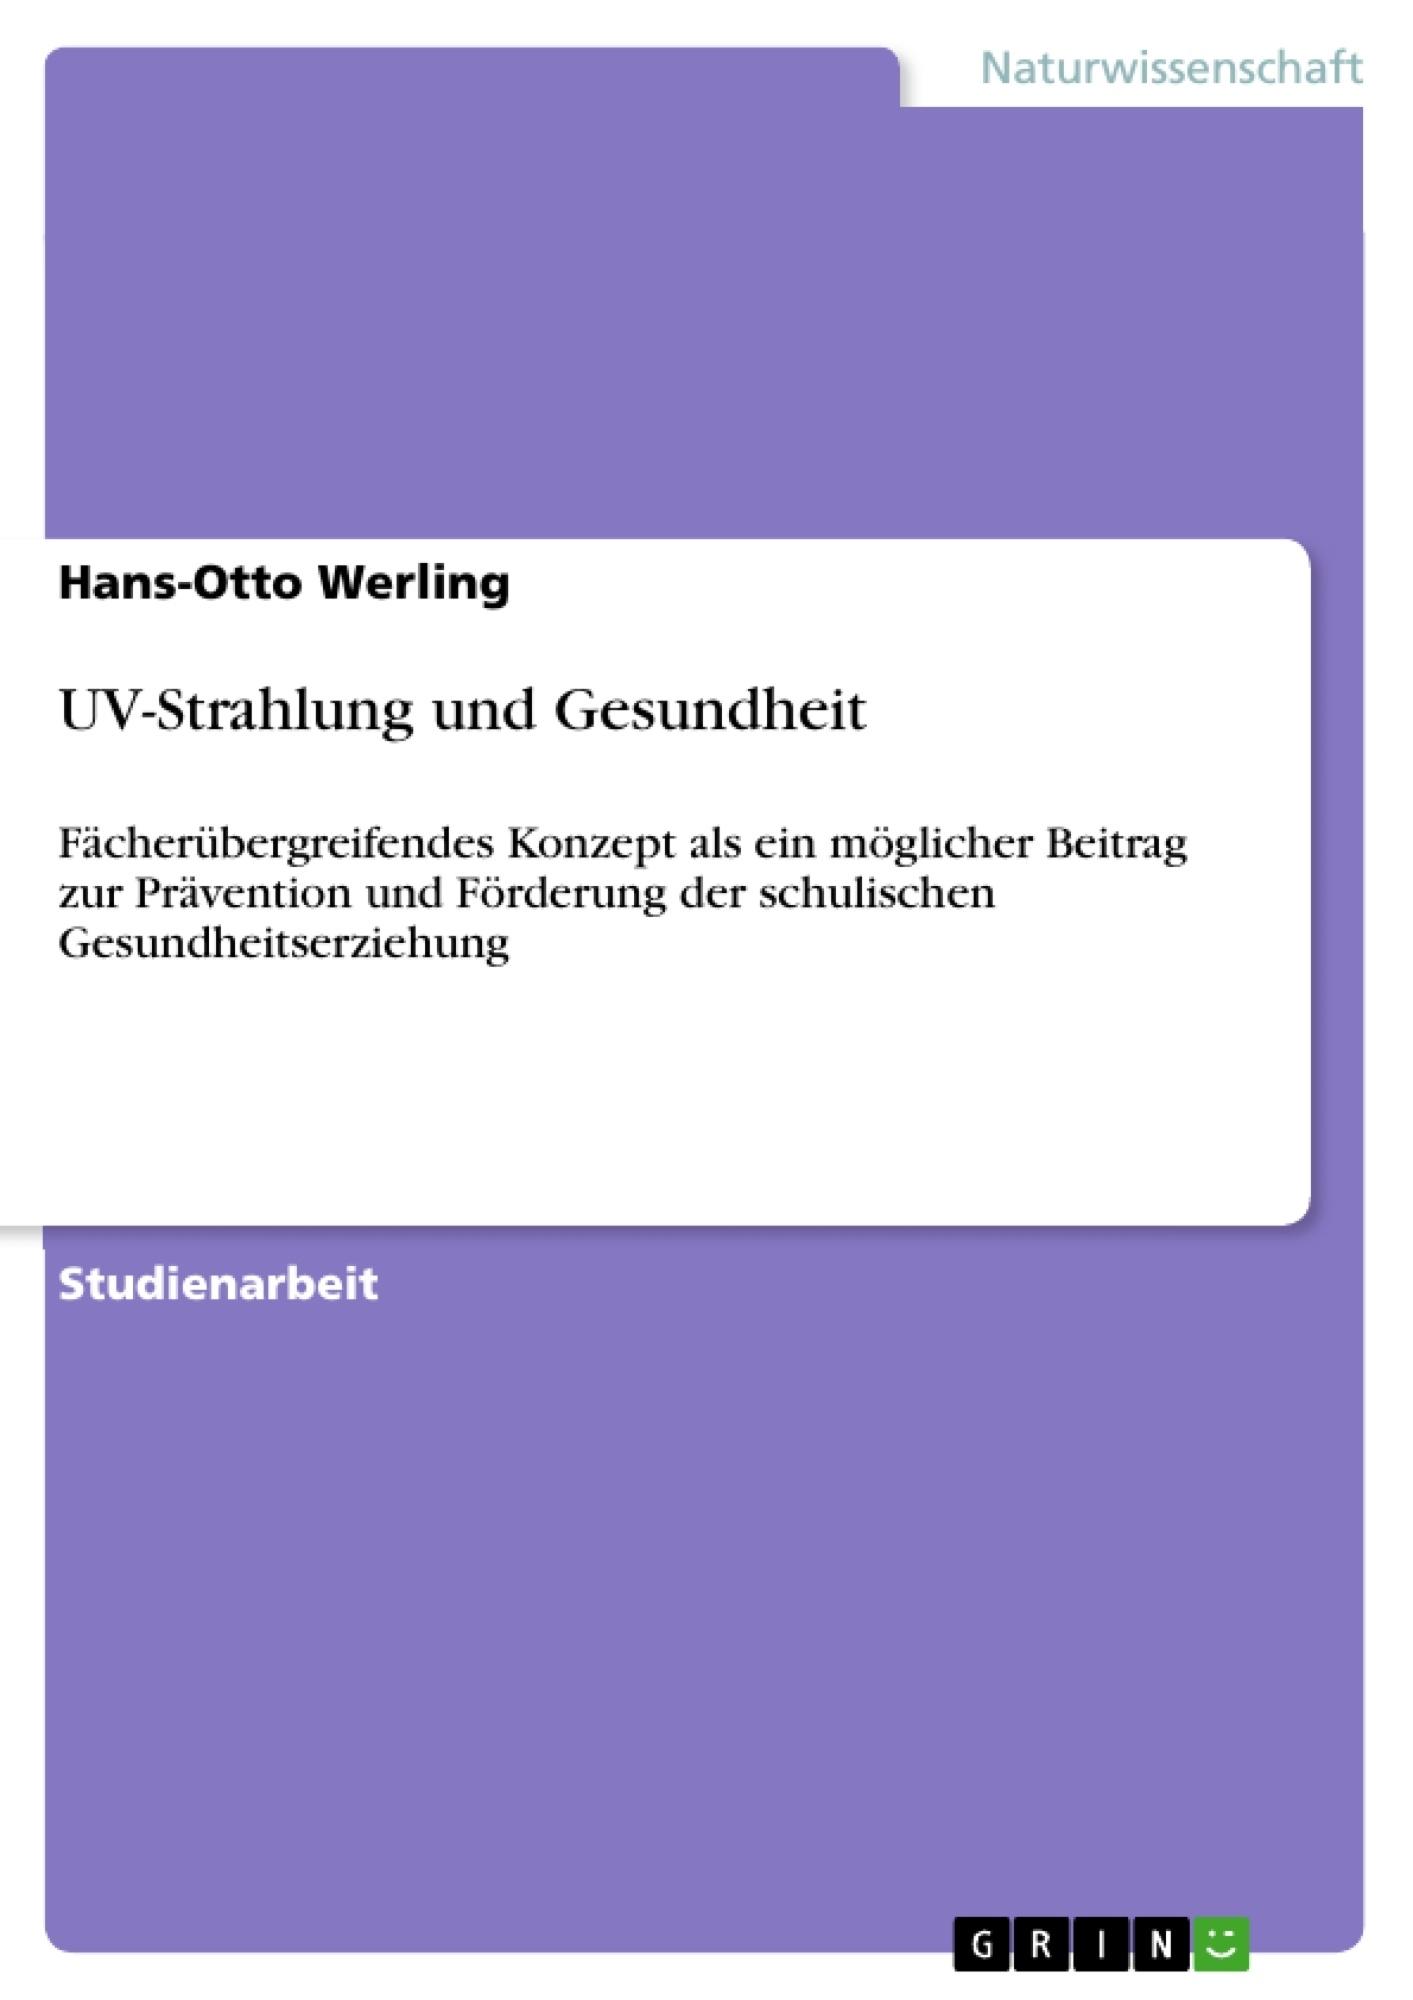 UV-Strahlung und Gesundheit | Masterarbeit, Hausarbeit ...